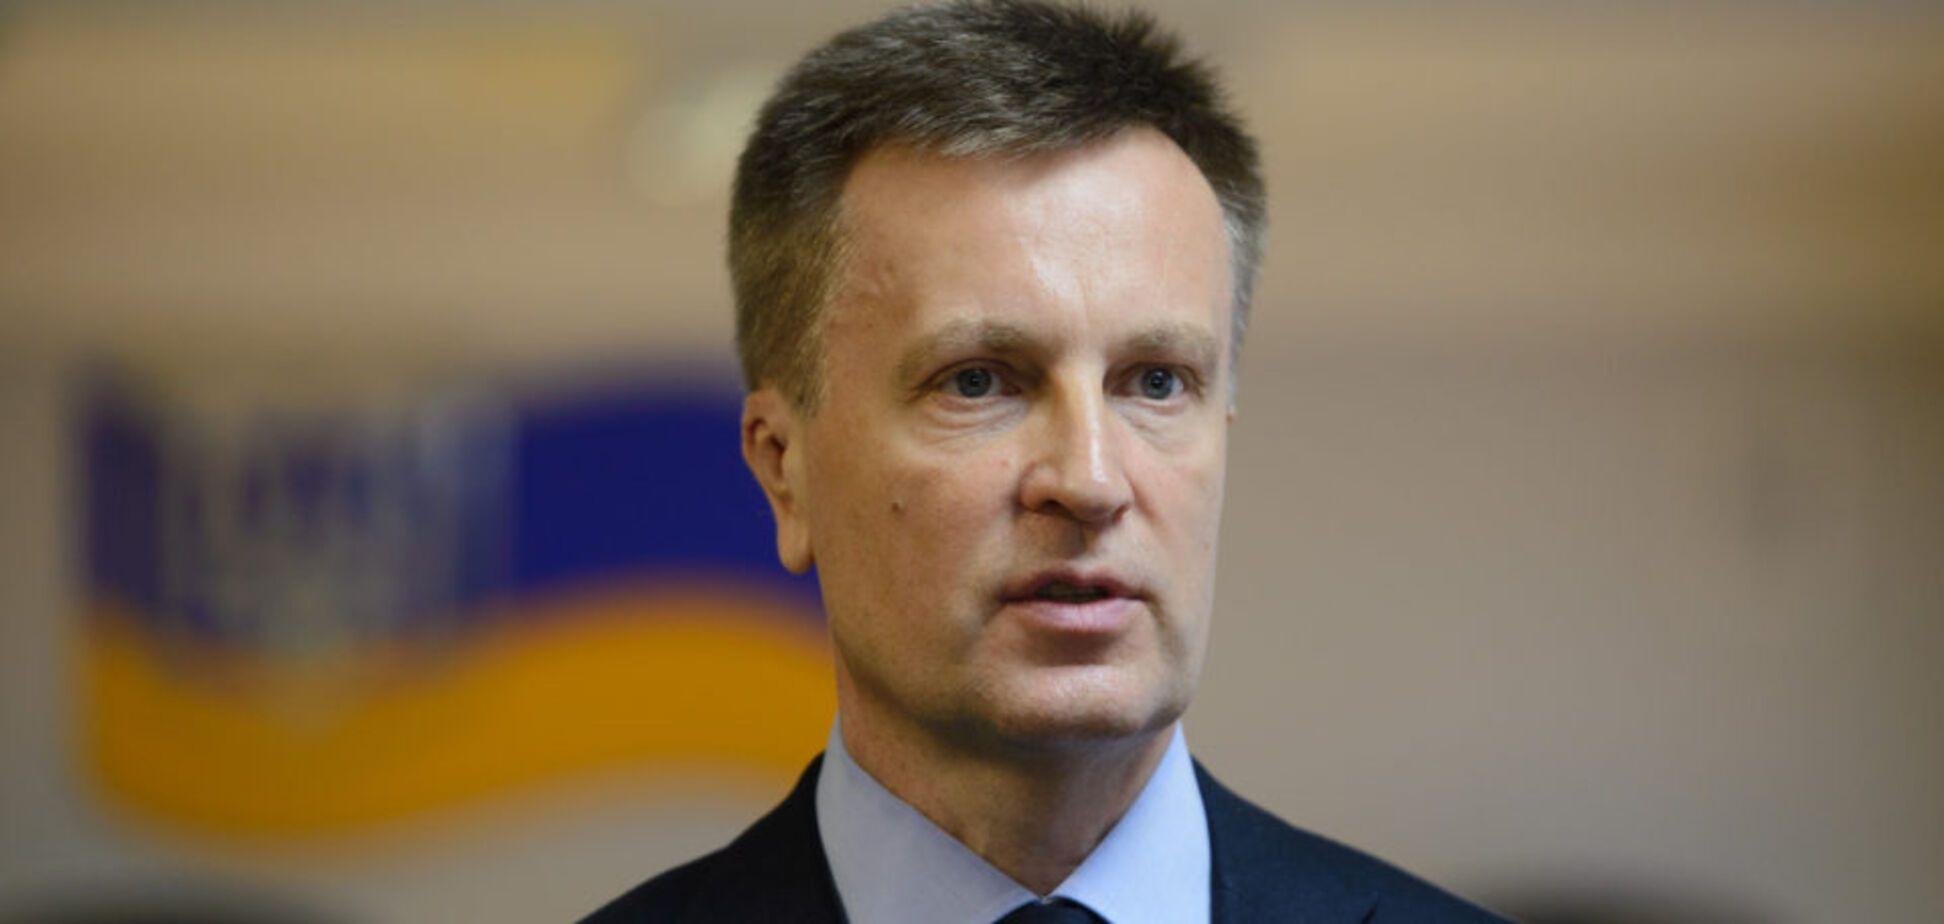 В ЕС и США обеспокоены возможными последствиями законопроекта об олигархах для демократии, – Наливайченко